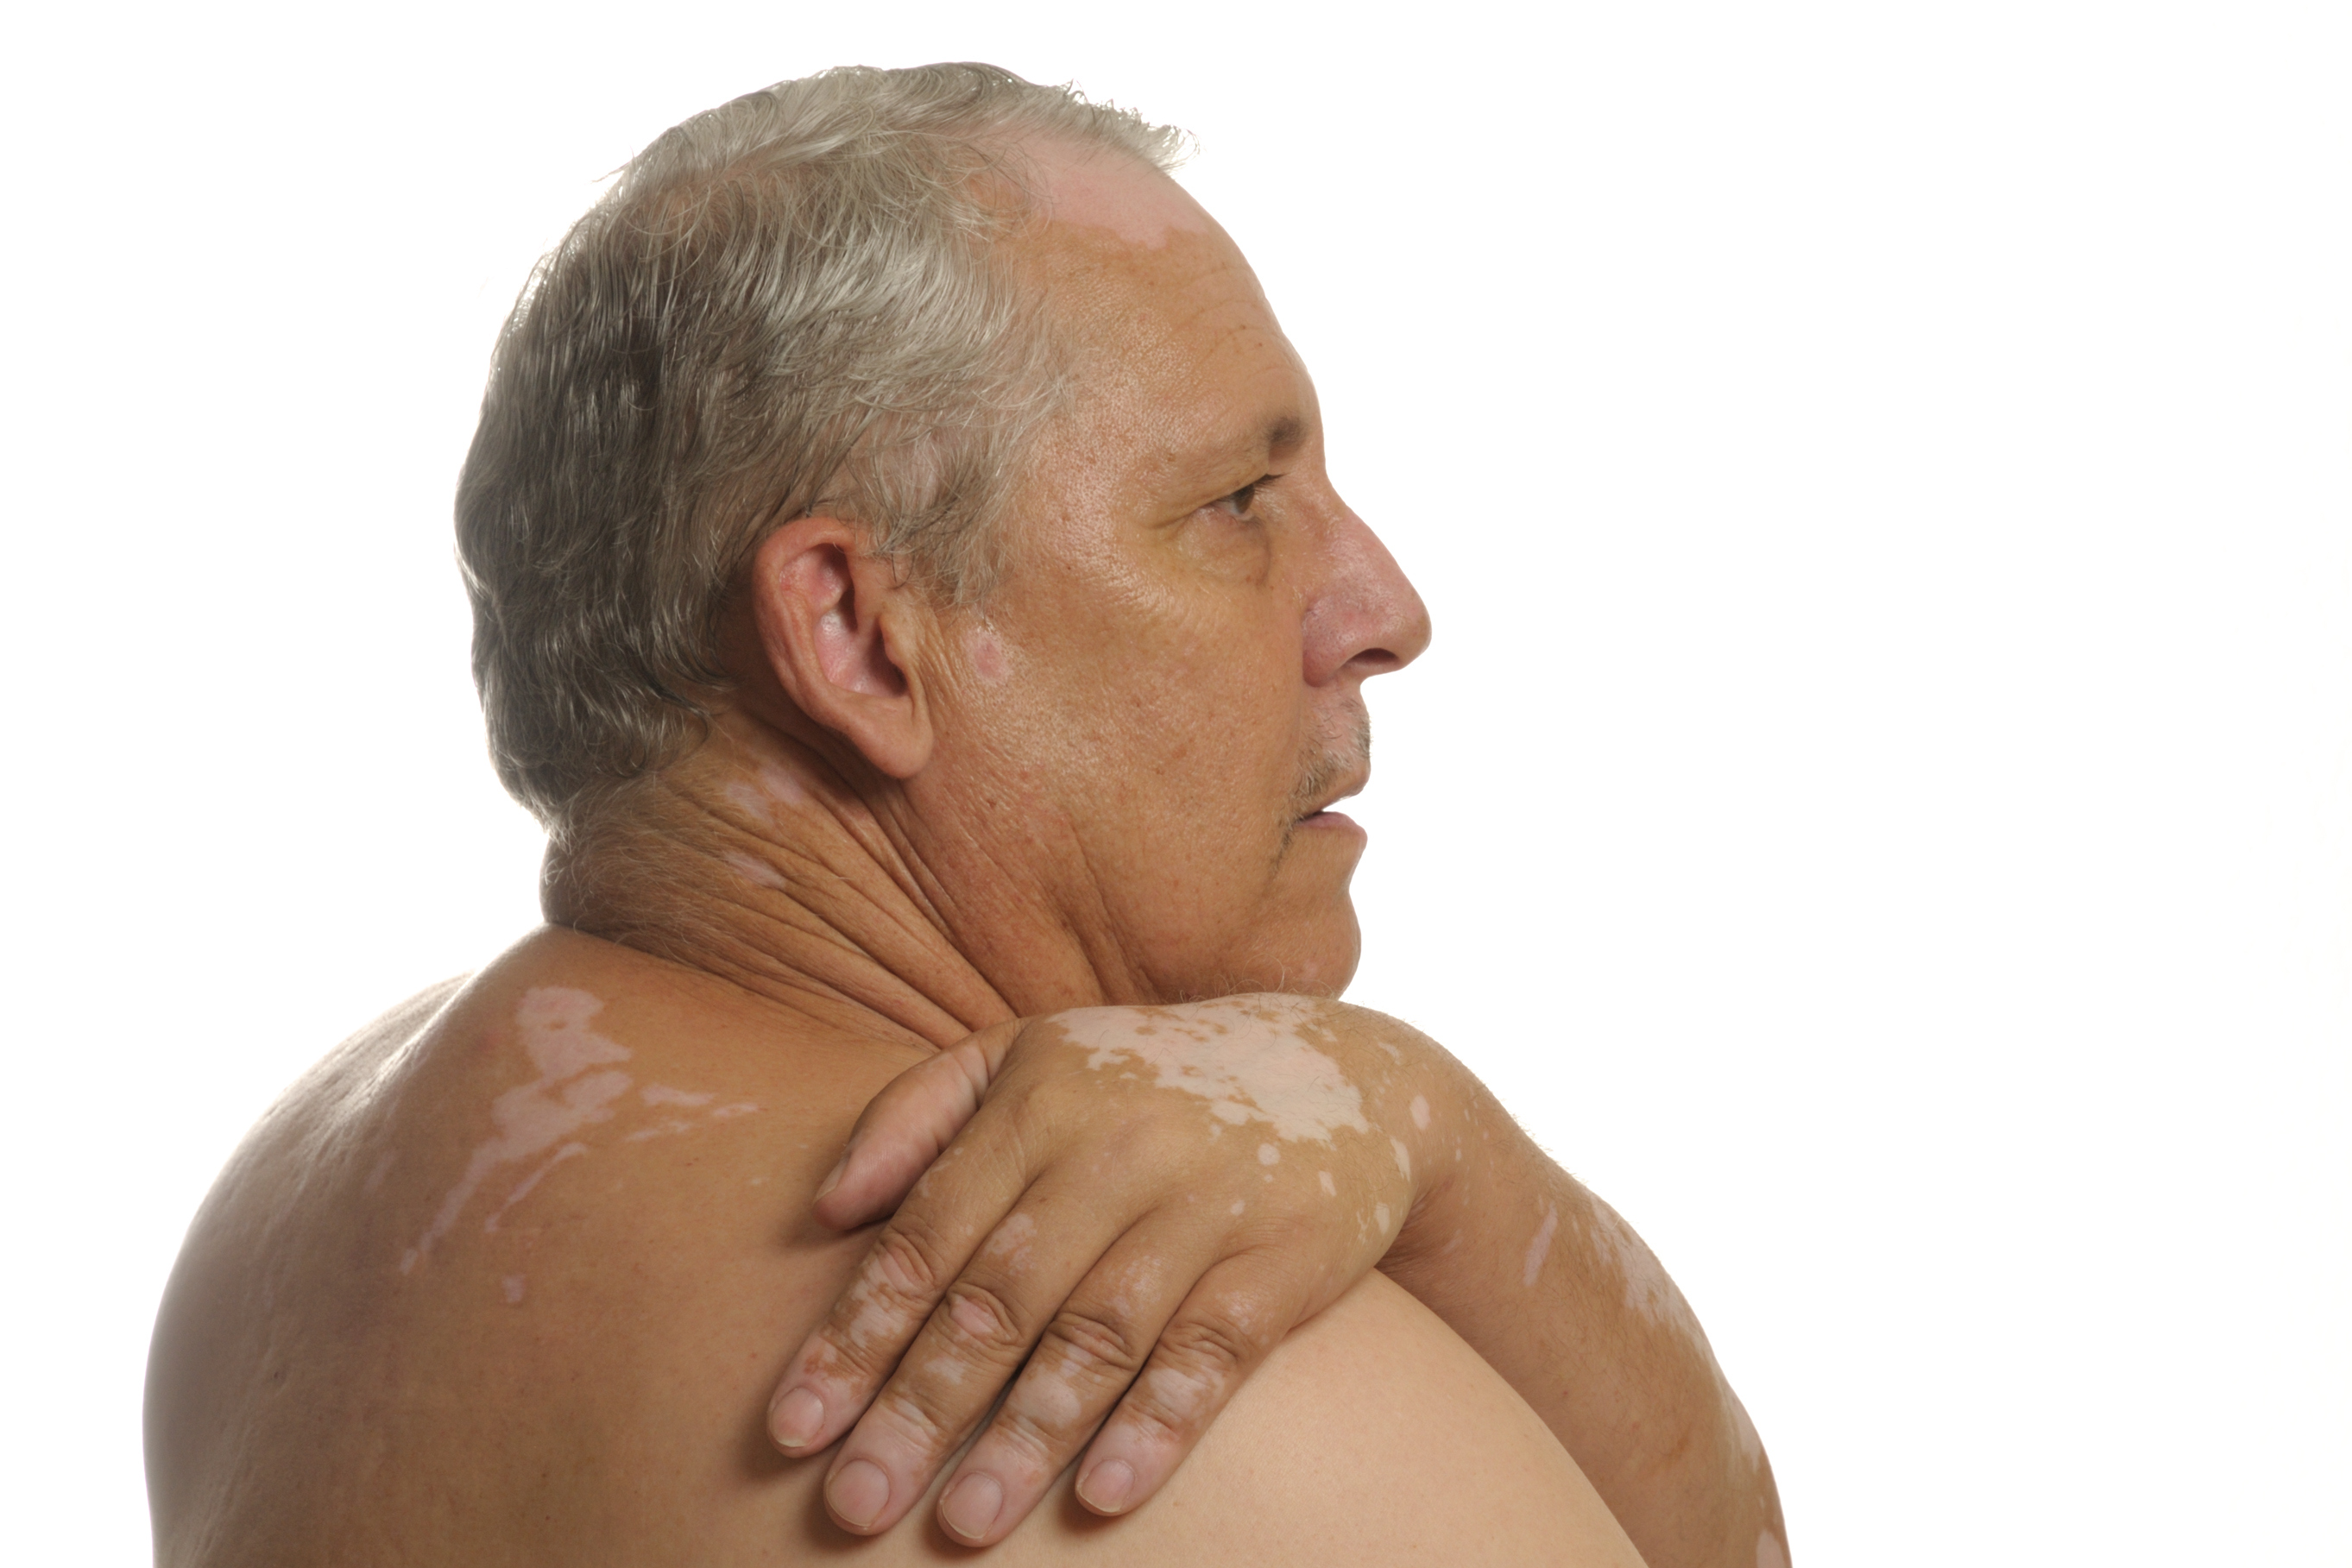 Как лечить псориаз кожи (чешуйчатый лишай) у человека?